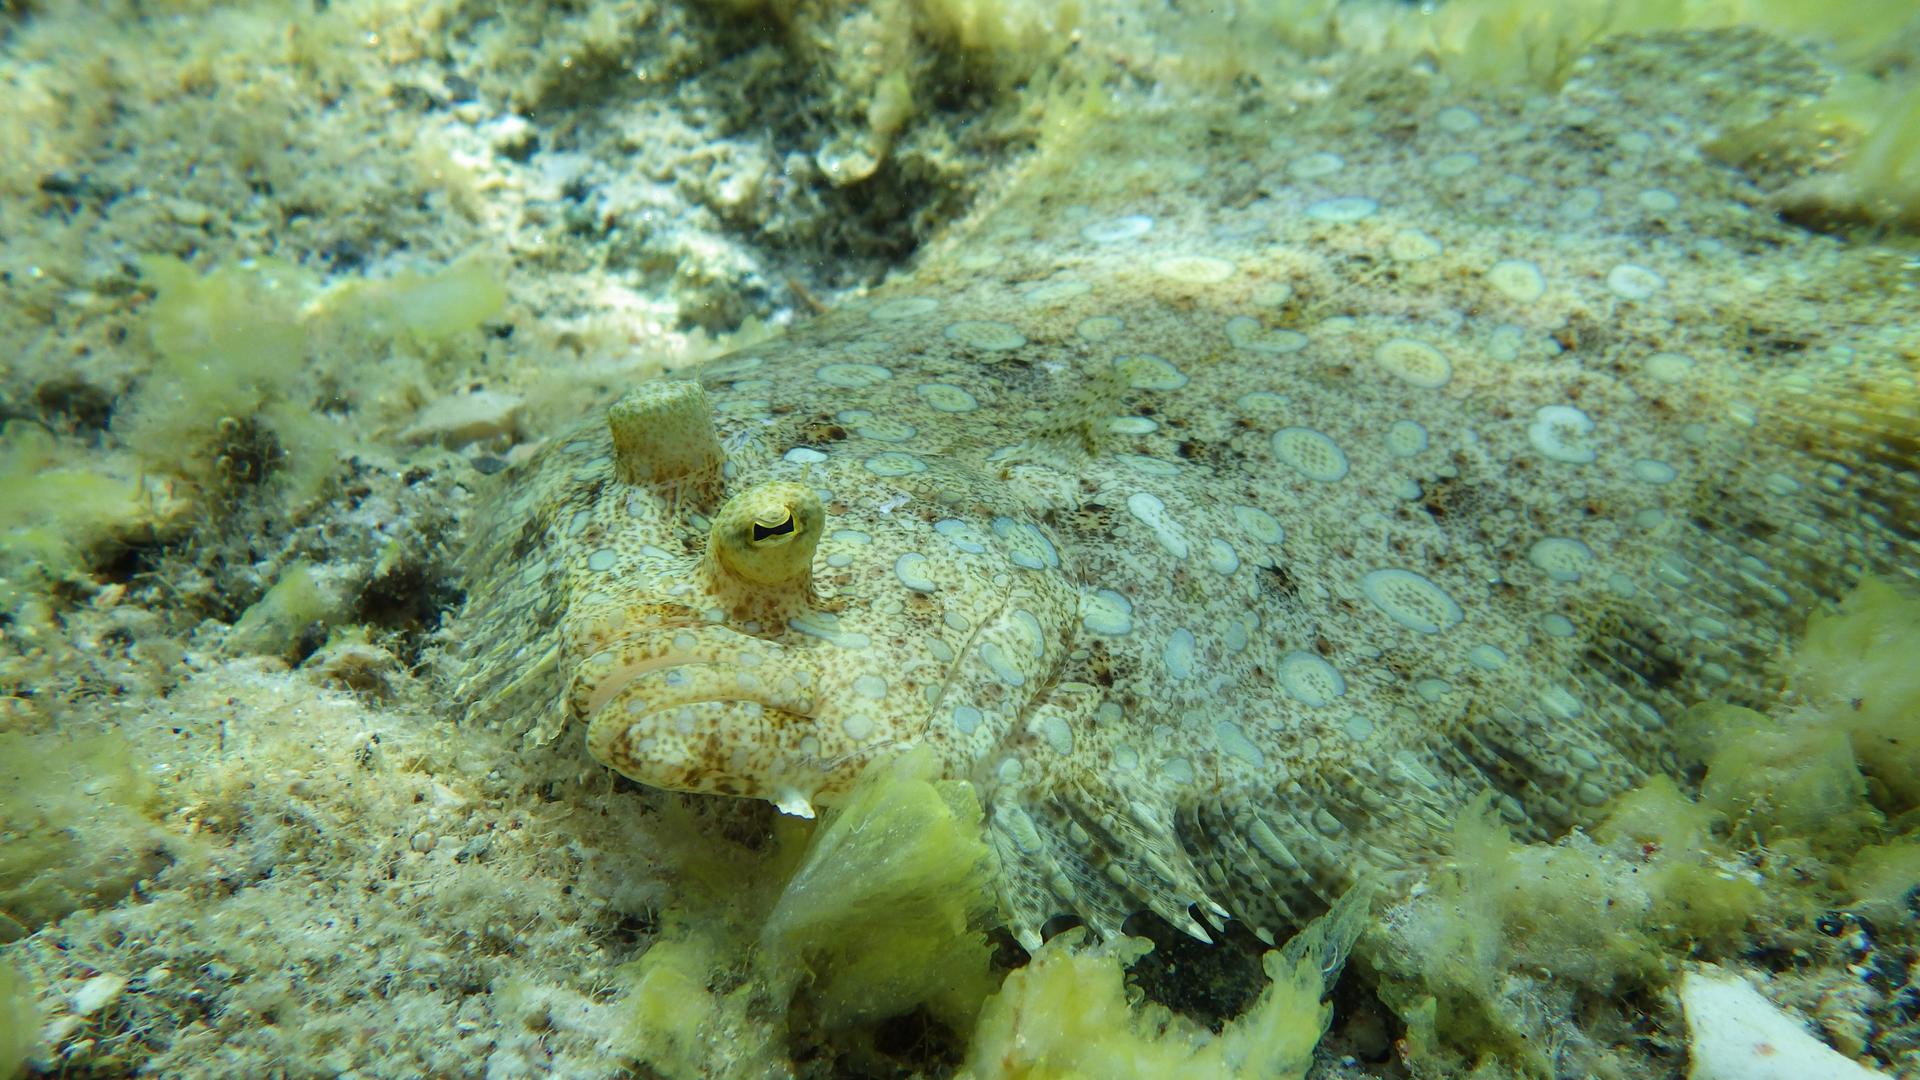 Fotografia przedstawia dno morza zleżącą na nim płasko flądrą. Cała fotografia wodcieniach szaro - żółtych wcętki. Położenie ryby można zidentyfikować po wystających oczach: głowa skierowana wprawo wdół. Ciało flądry na obwodzie ma gęste wyrostki, połączone skórą zamiast płetw.